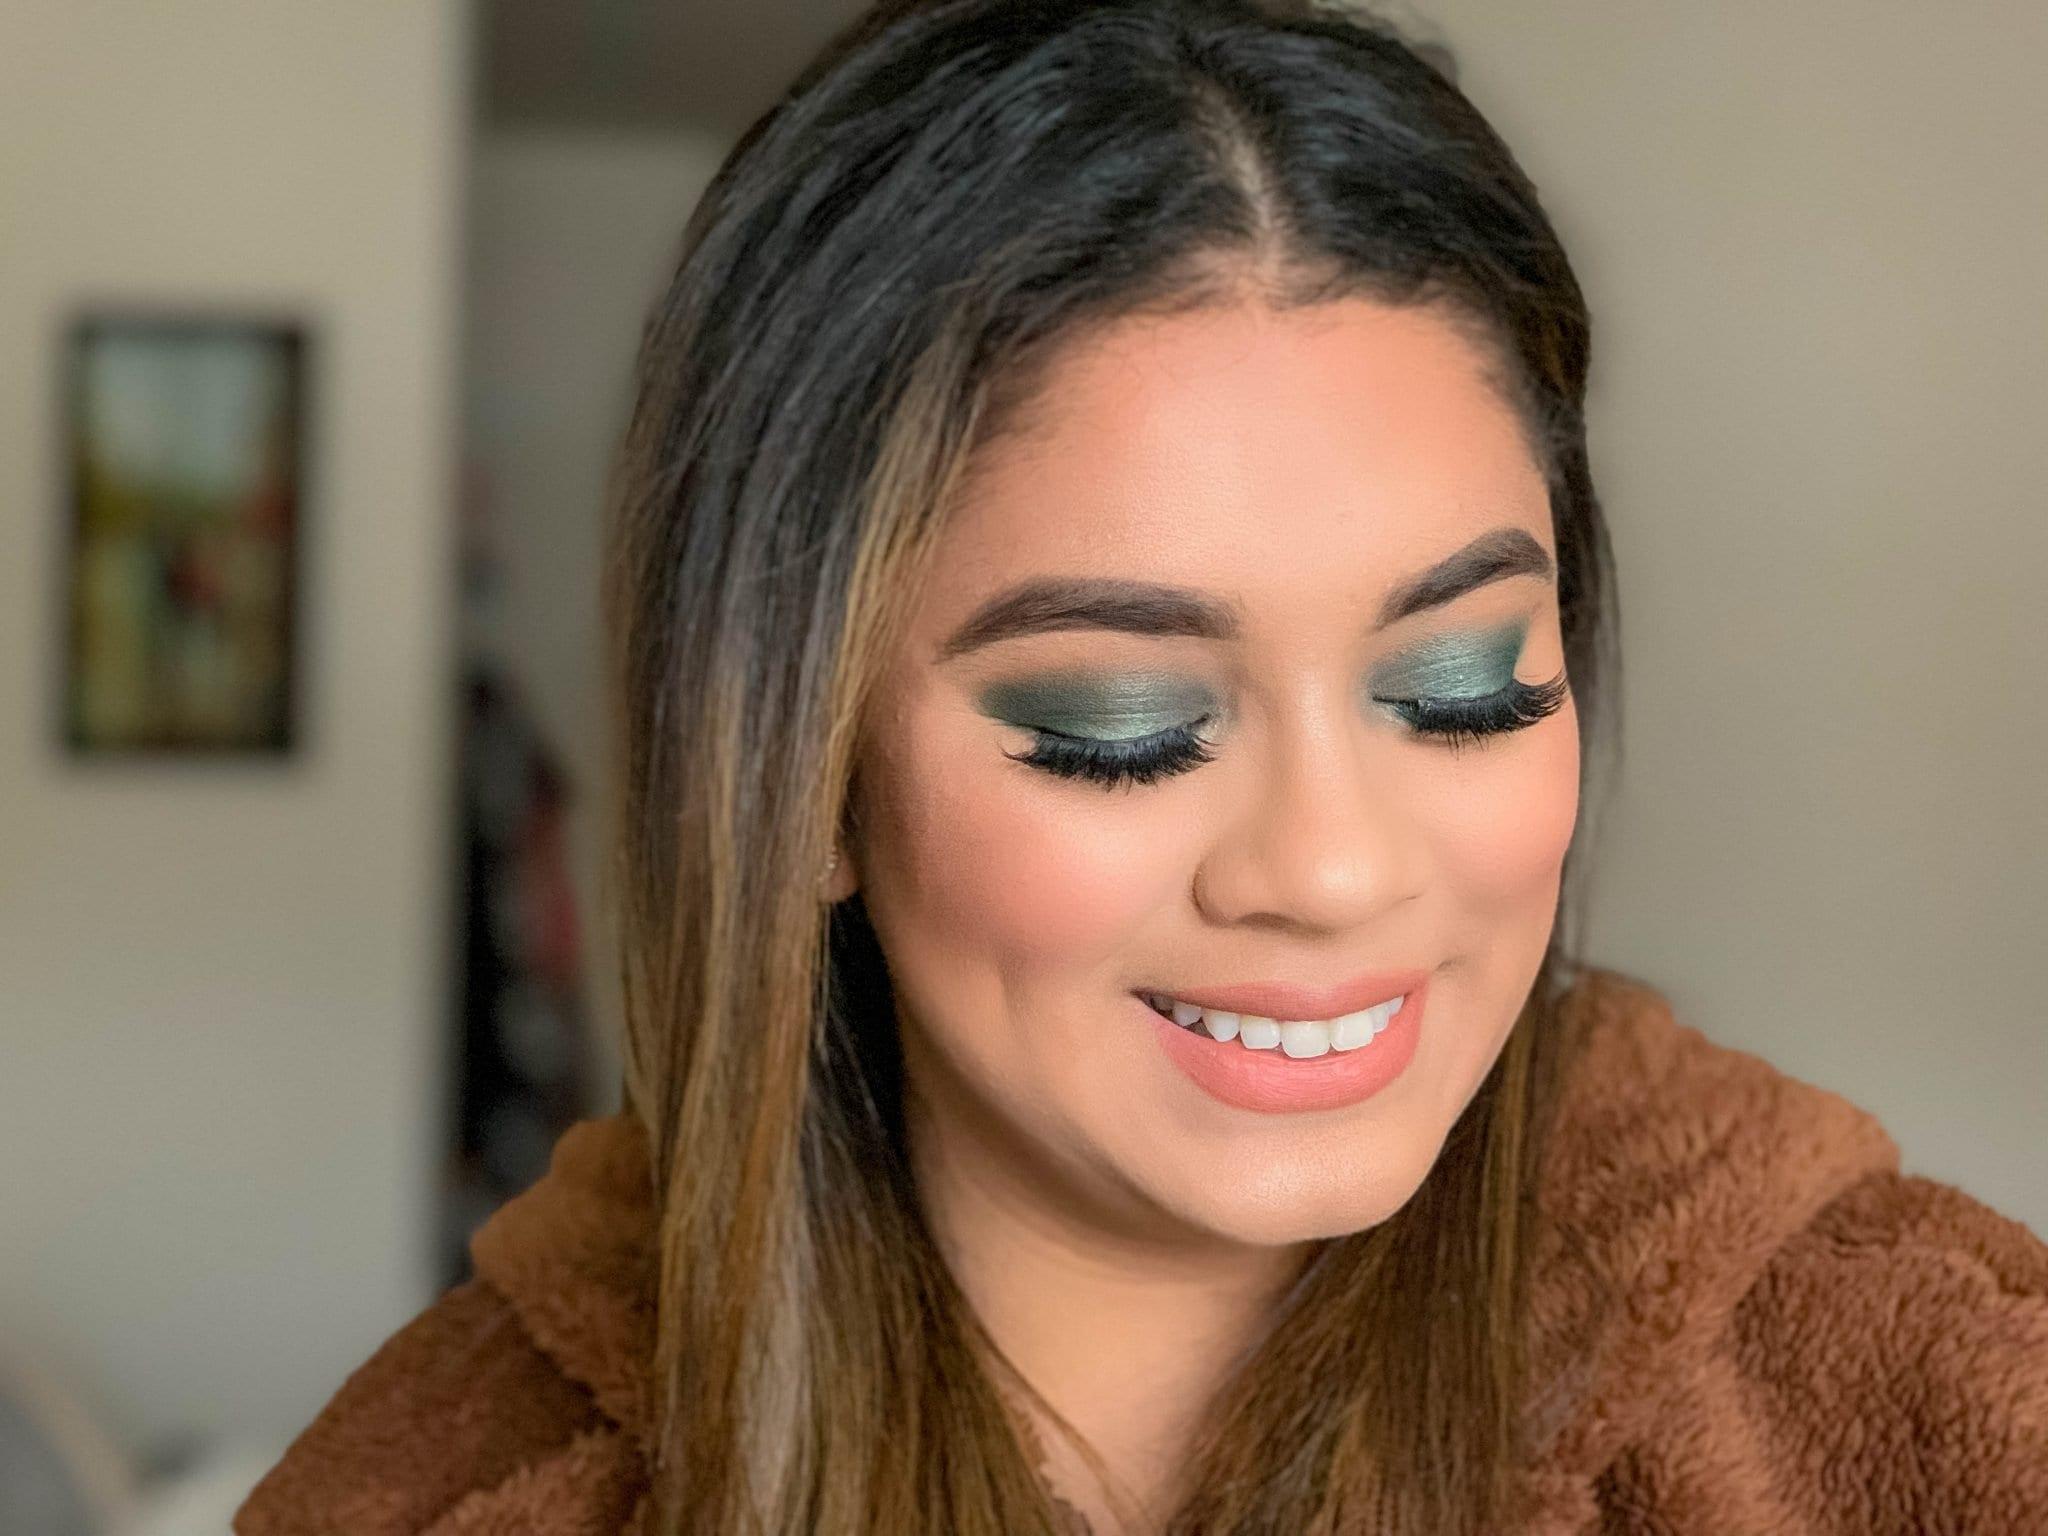 Green Eye Makeup Look for Christmas